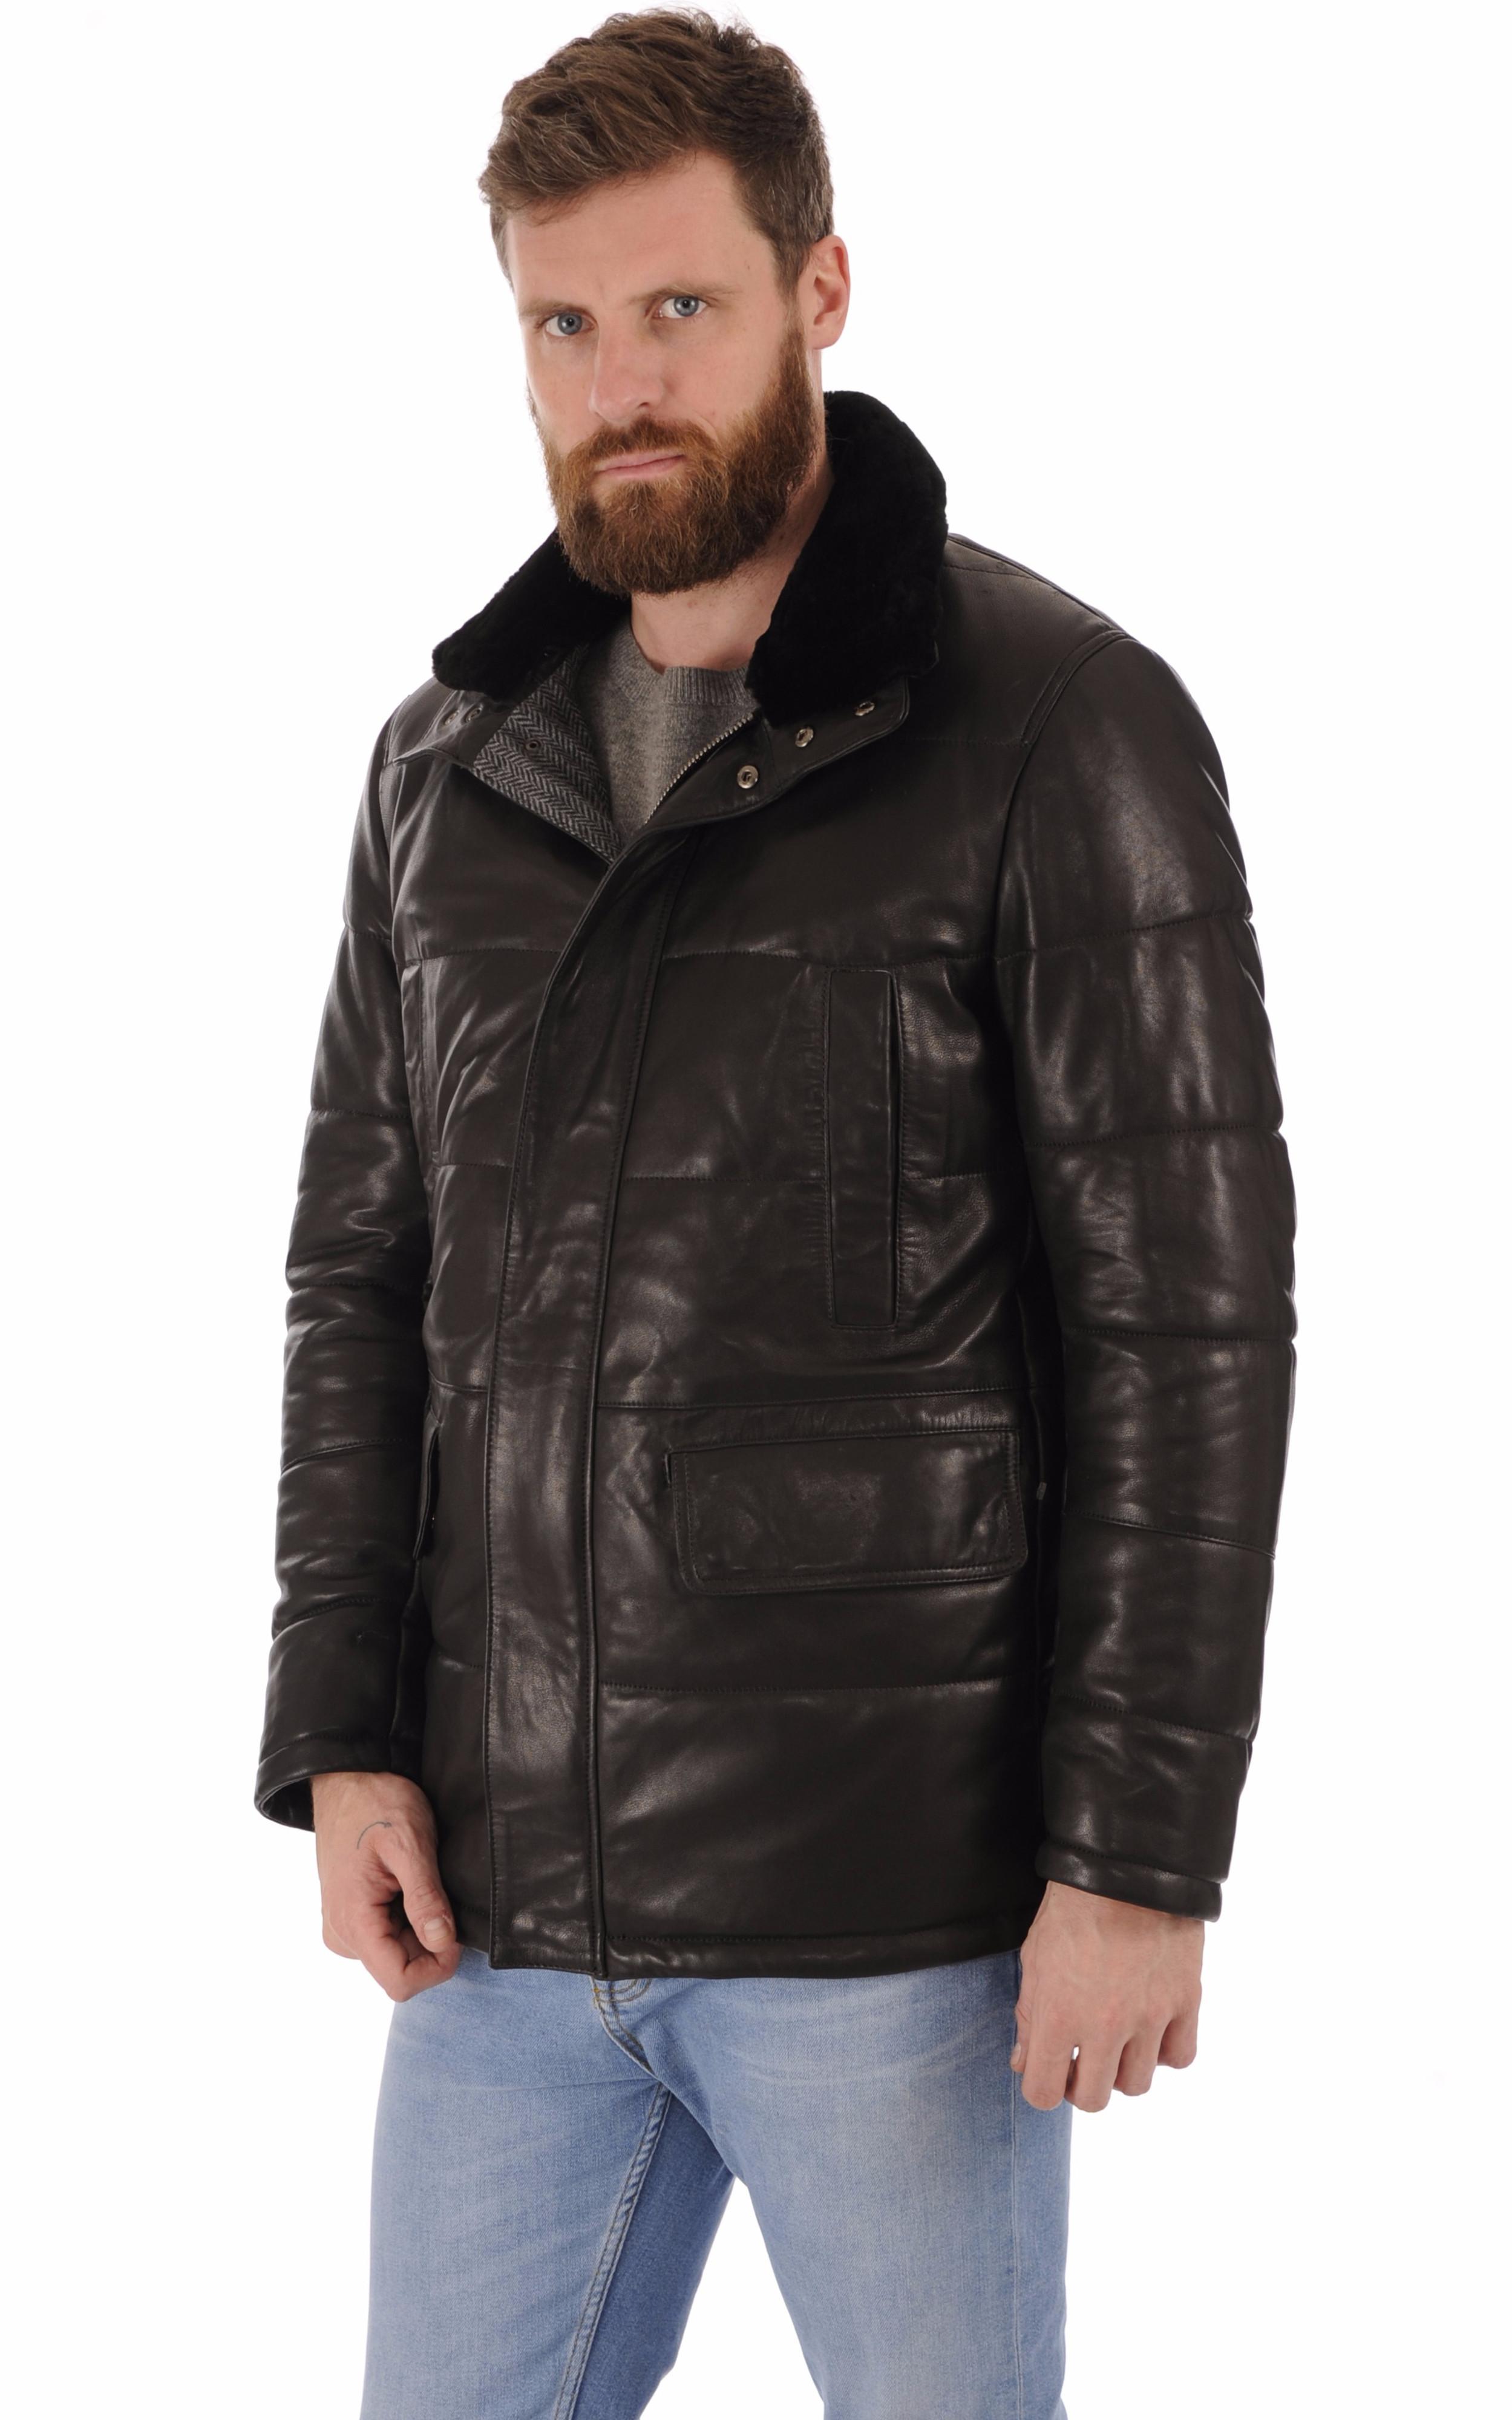 Veste matelassée cuir noir La Canadienne